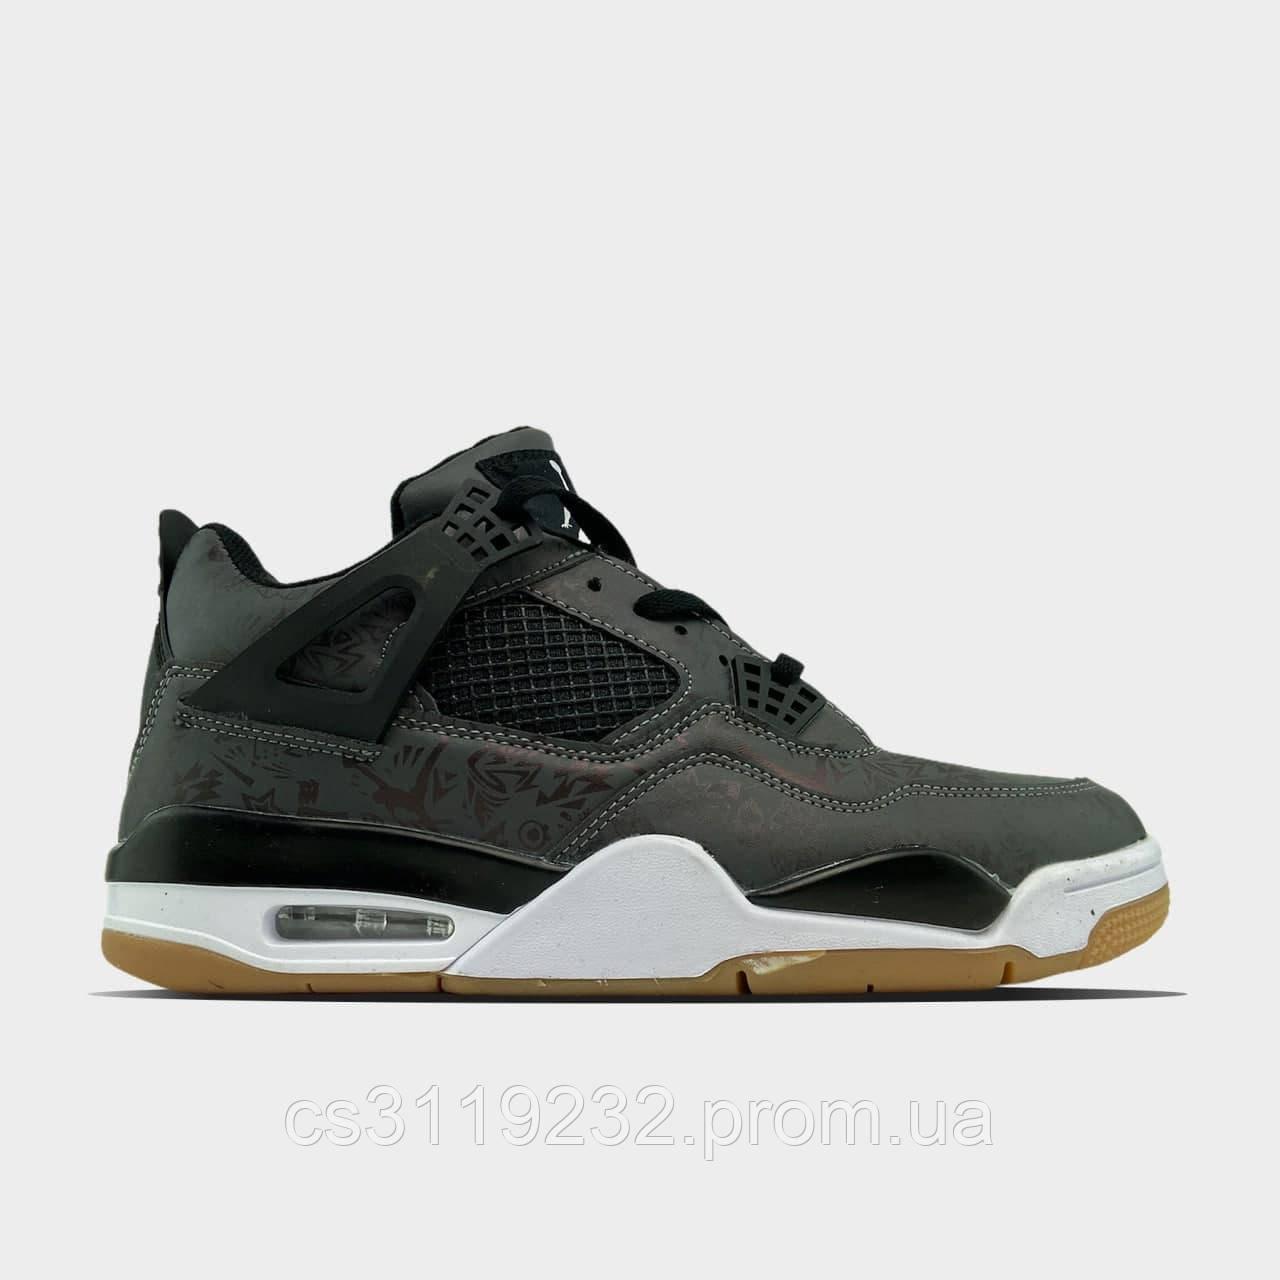 Чоловічі кросівки Air Jordan 4 Retro Black (чорні)